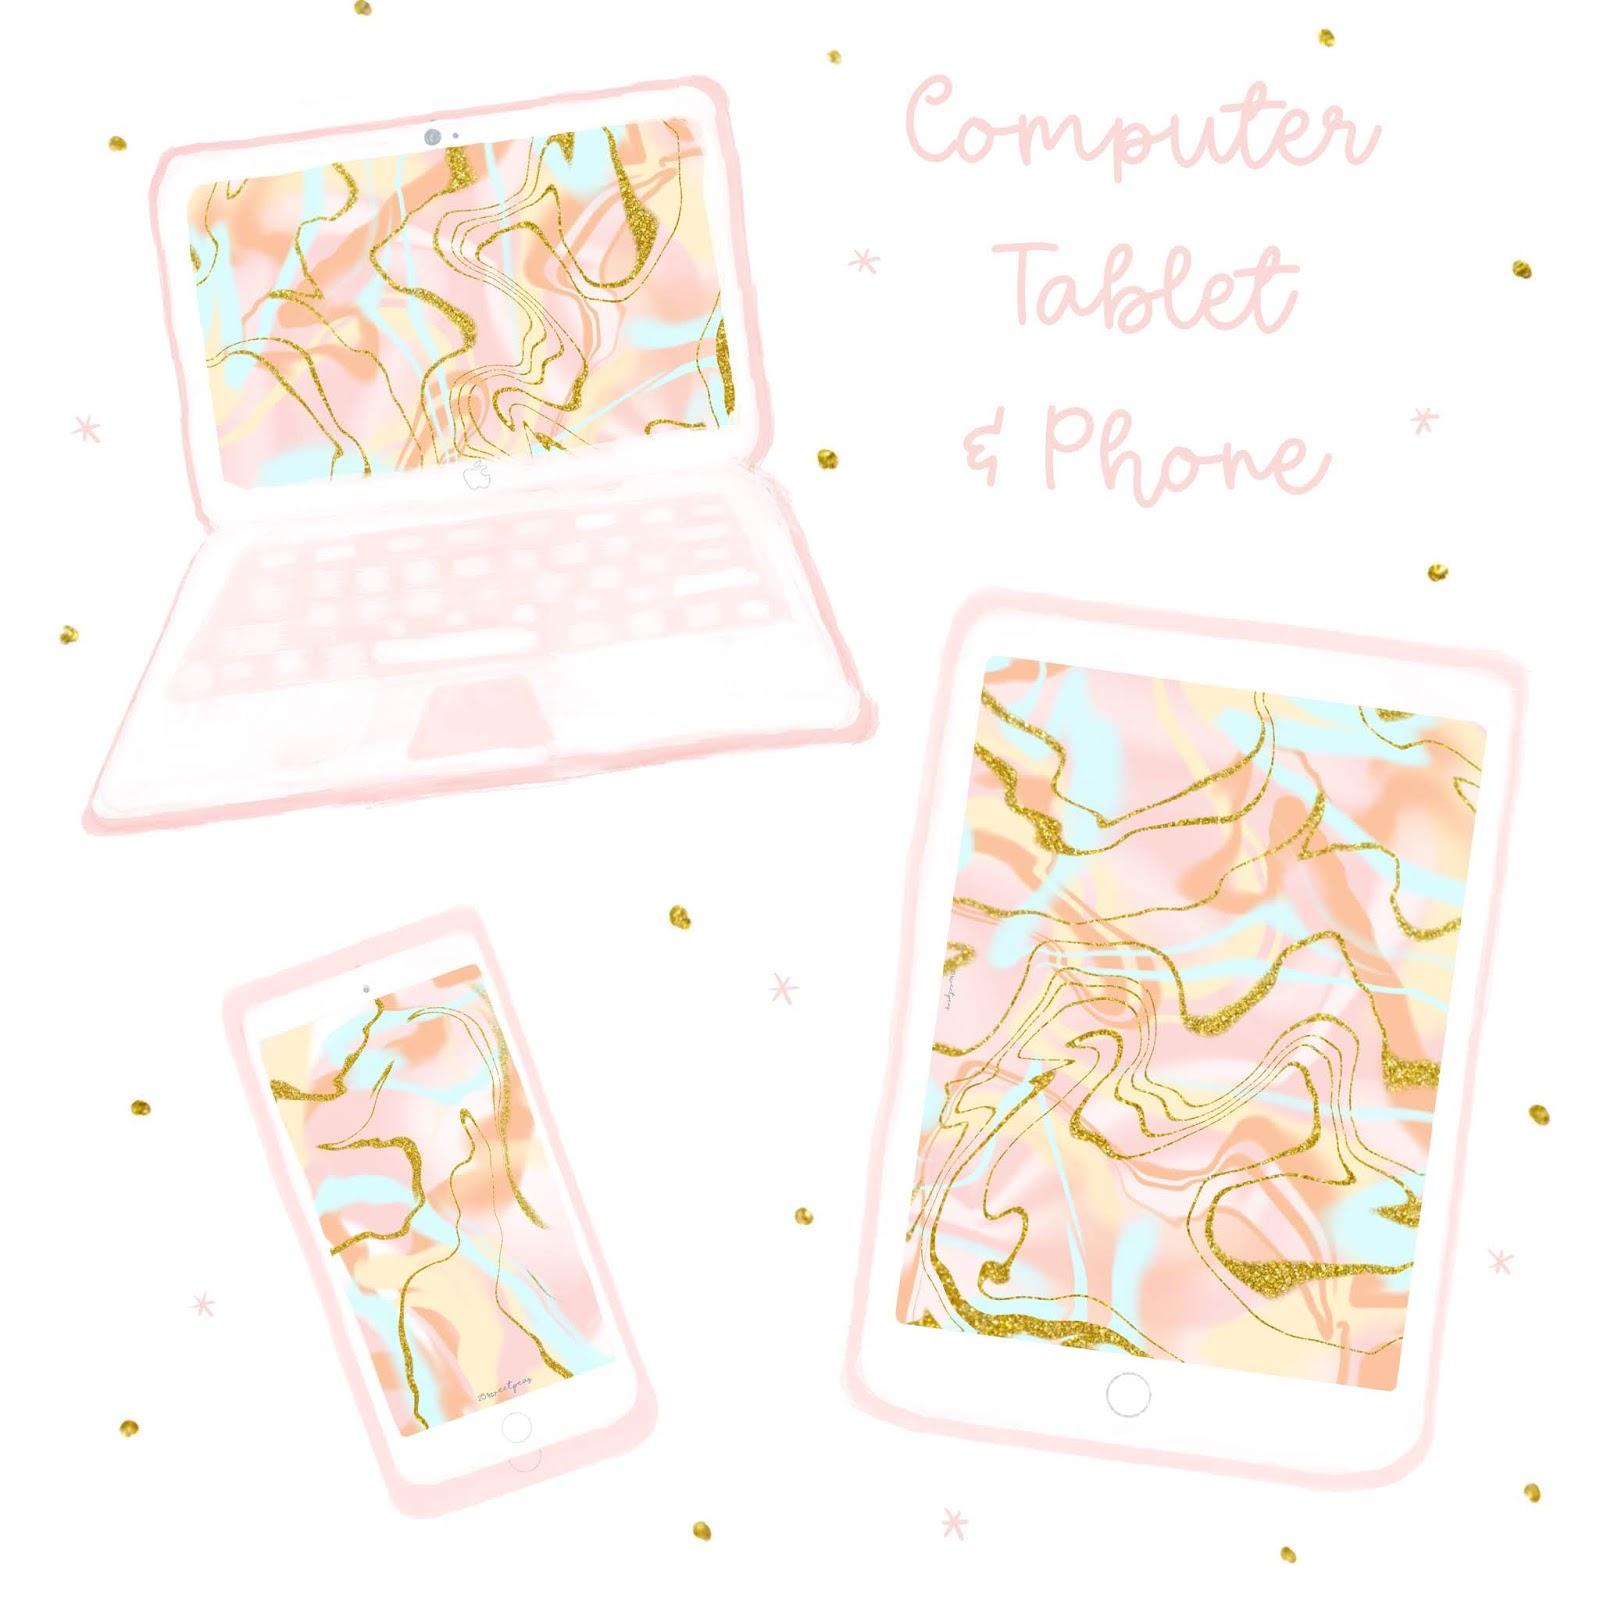 25 Sweetpeas Wallpaper Downloads